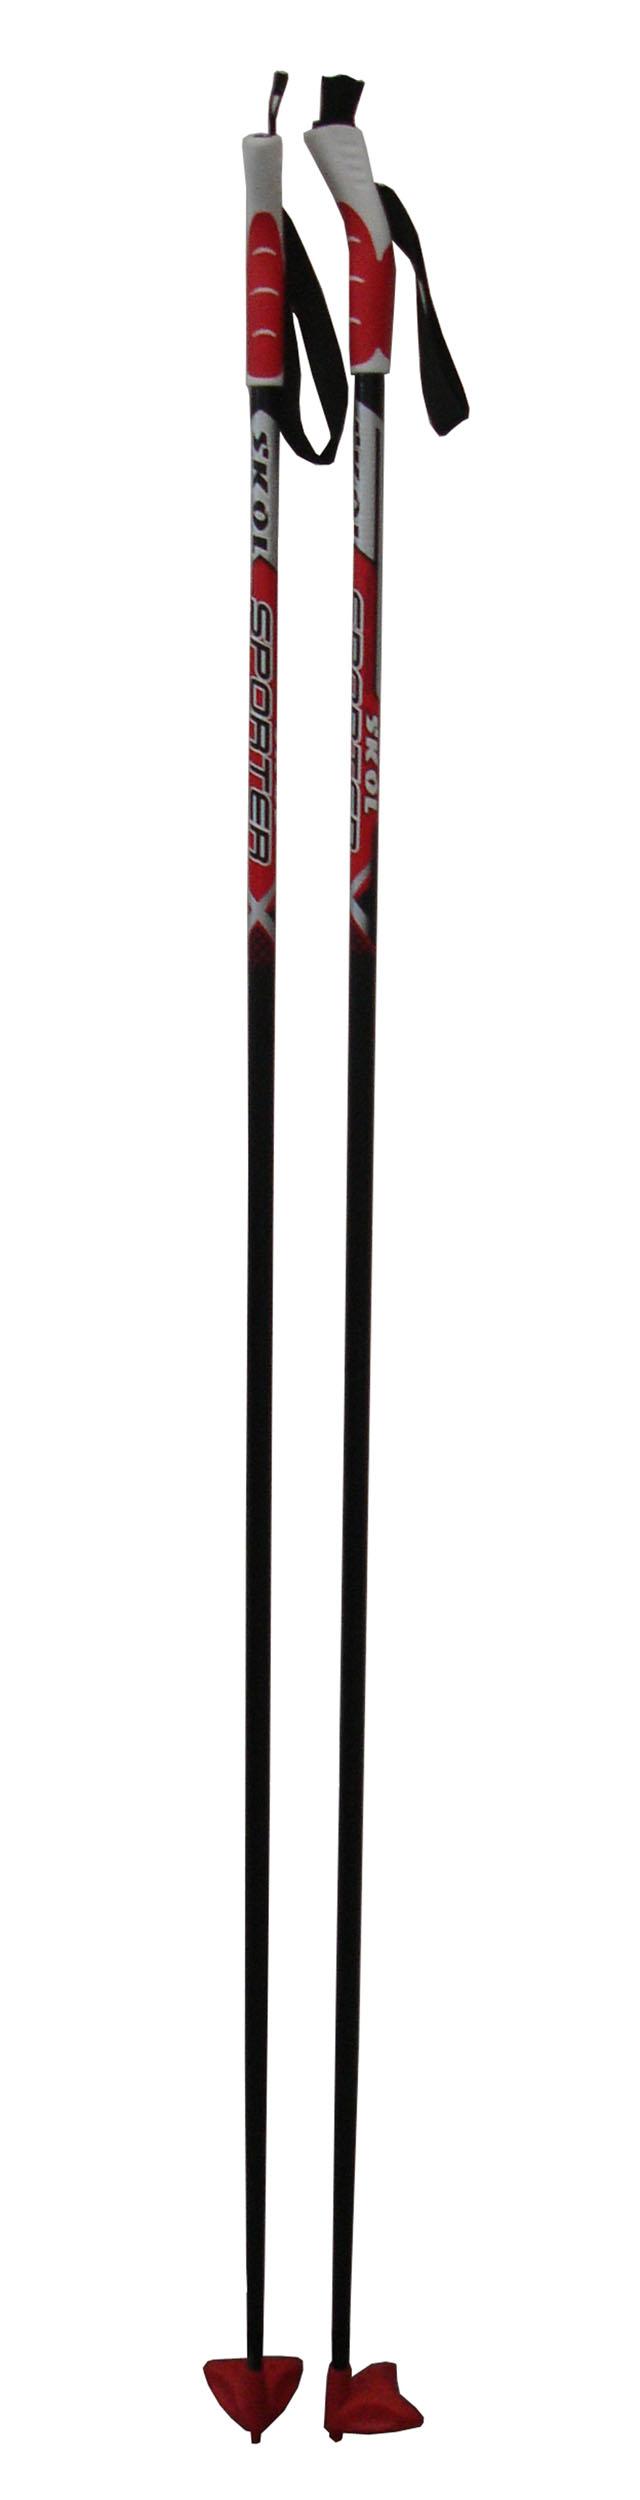 LH0201-120  Hole běžecké Skol 120cm